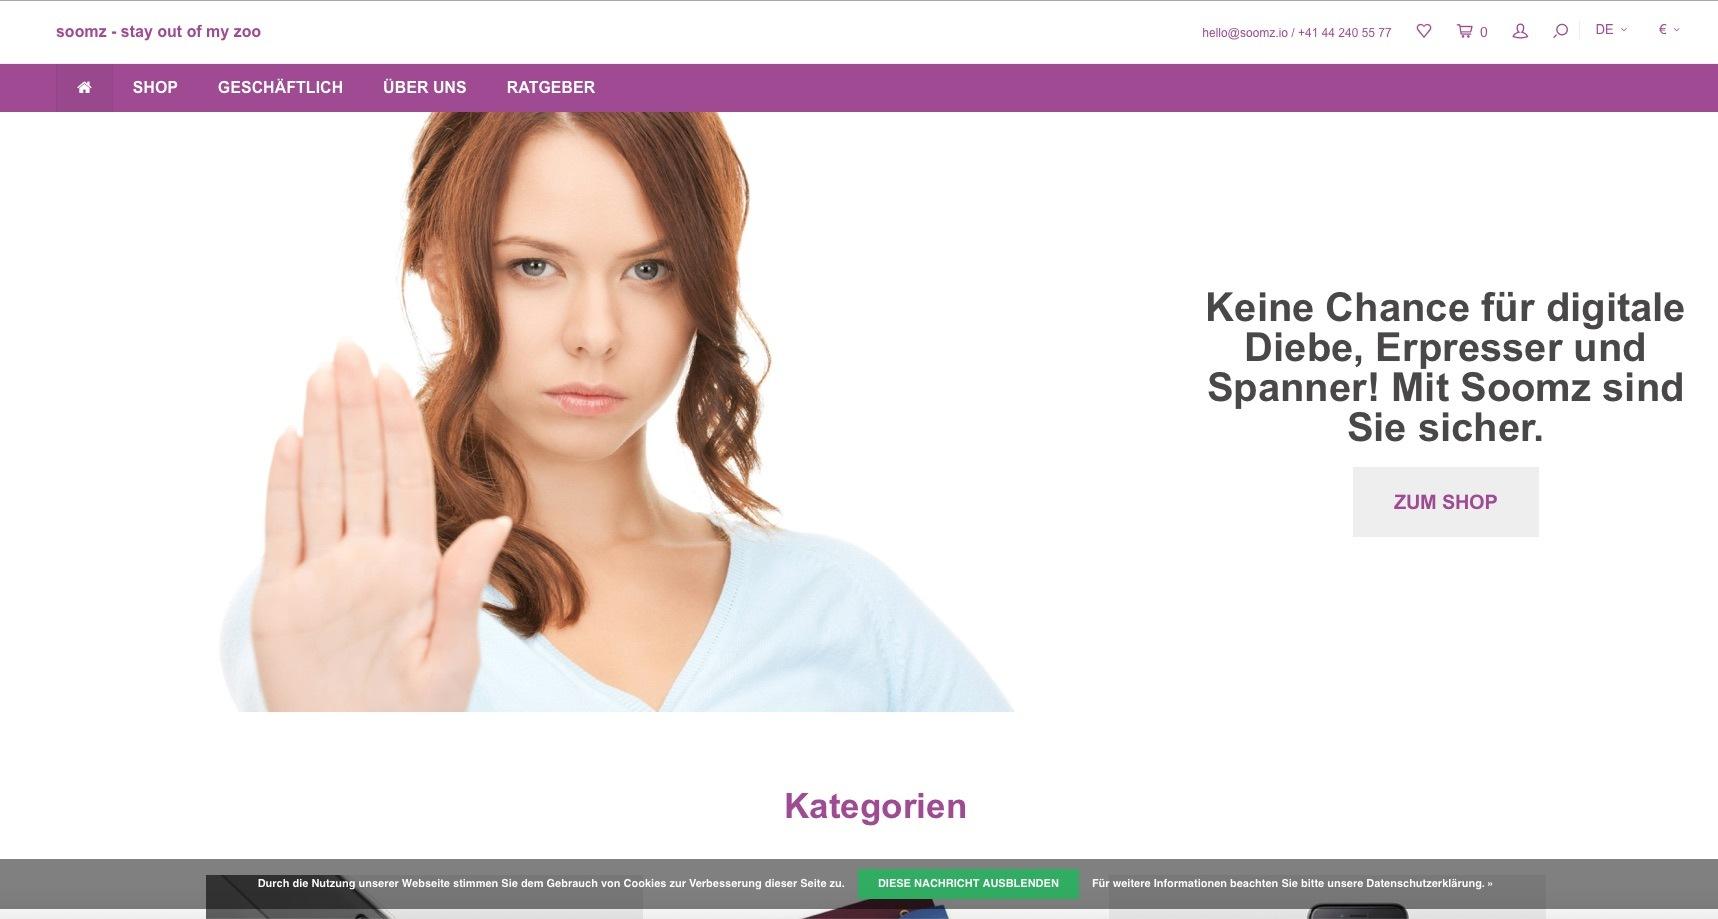 Screenshot des Shops SOOMZ, zu sehen eine Frau, die durch Mimik und Gestik Stop deutet.